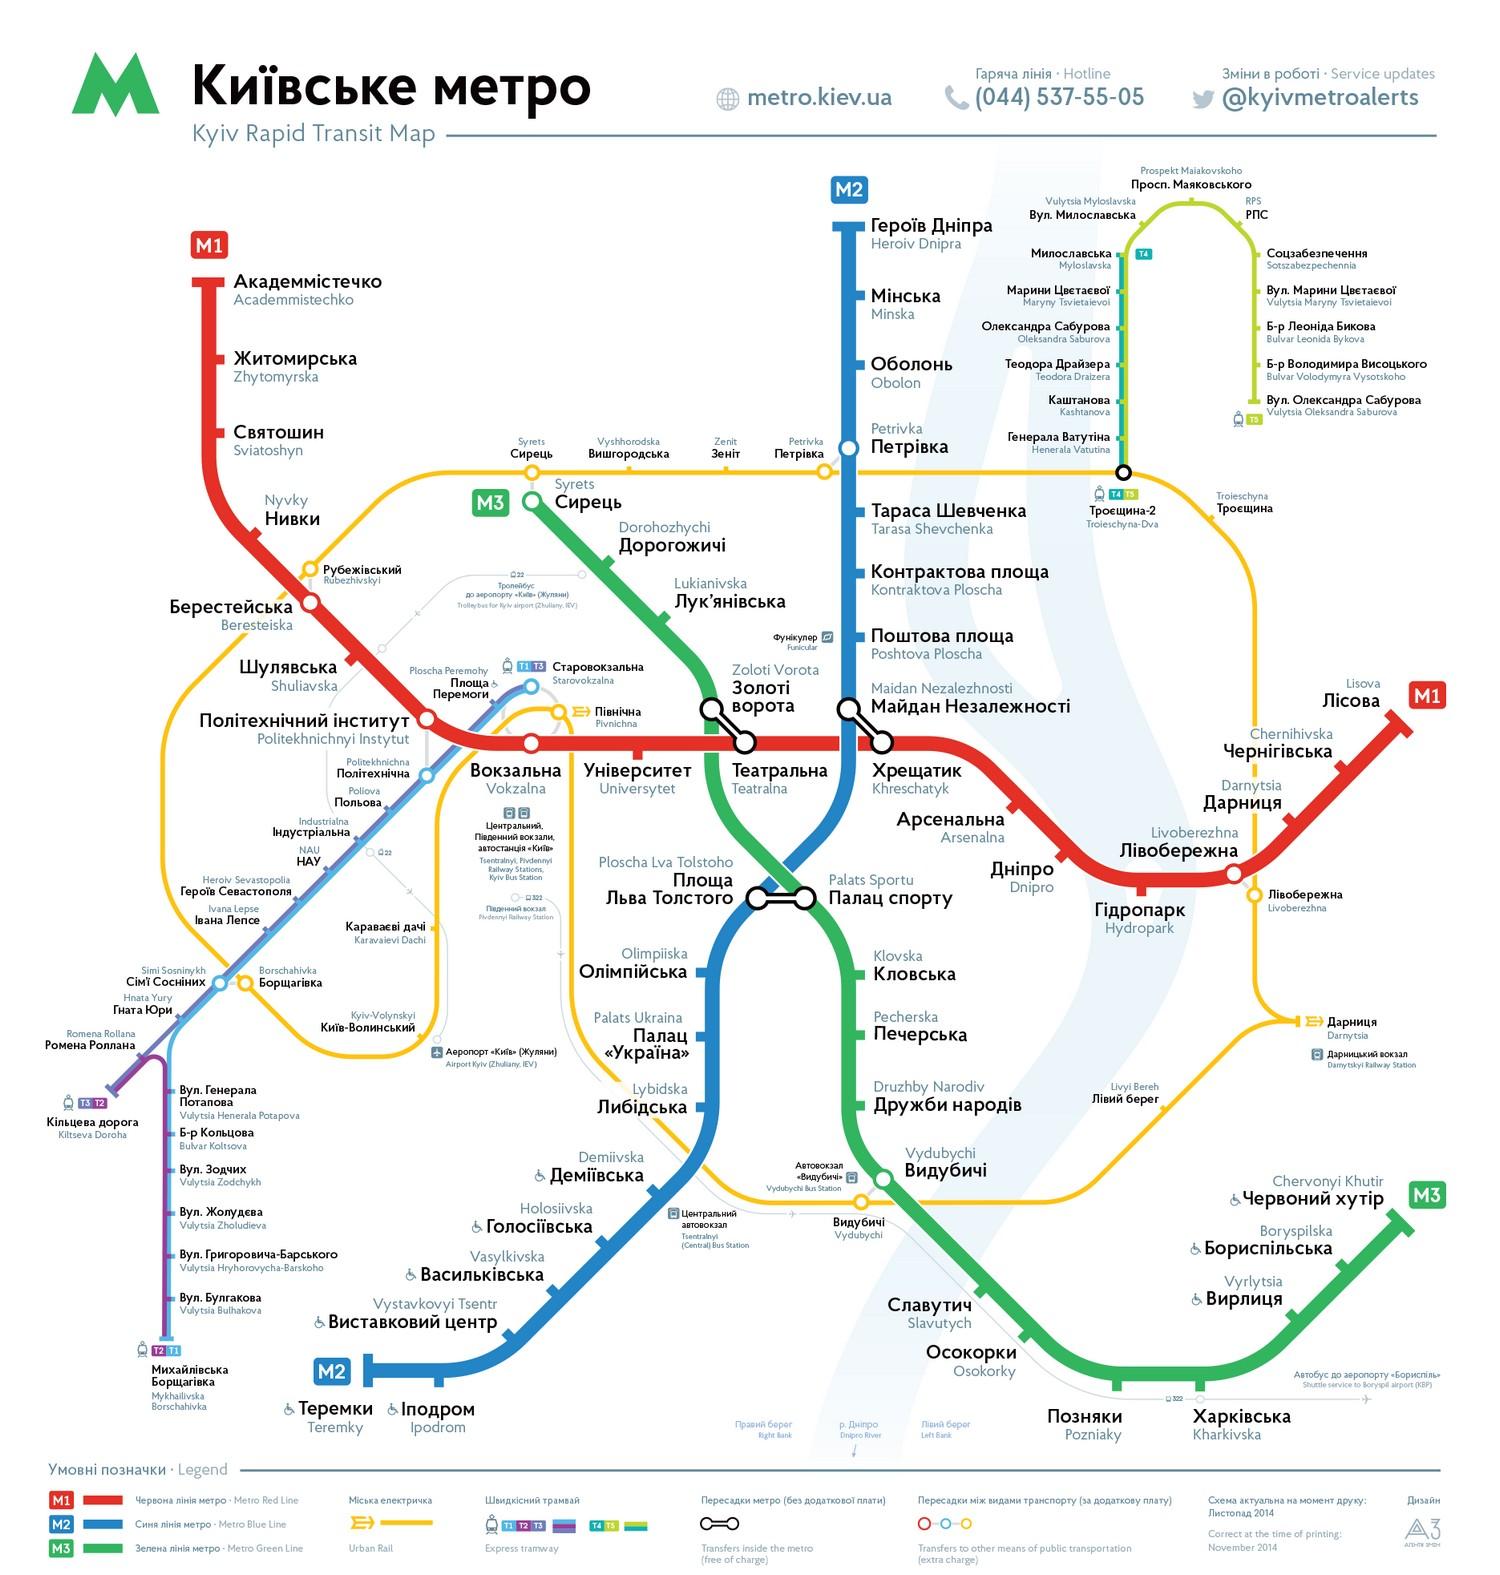 Новая схема киевского метрополитена